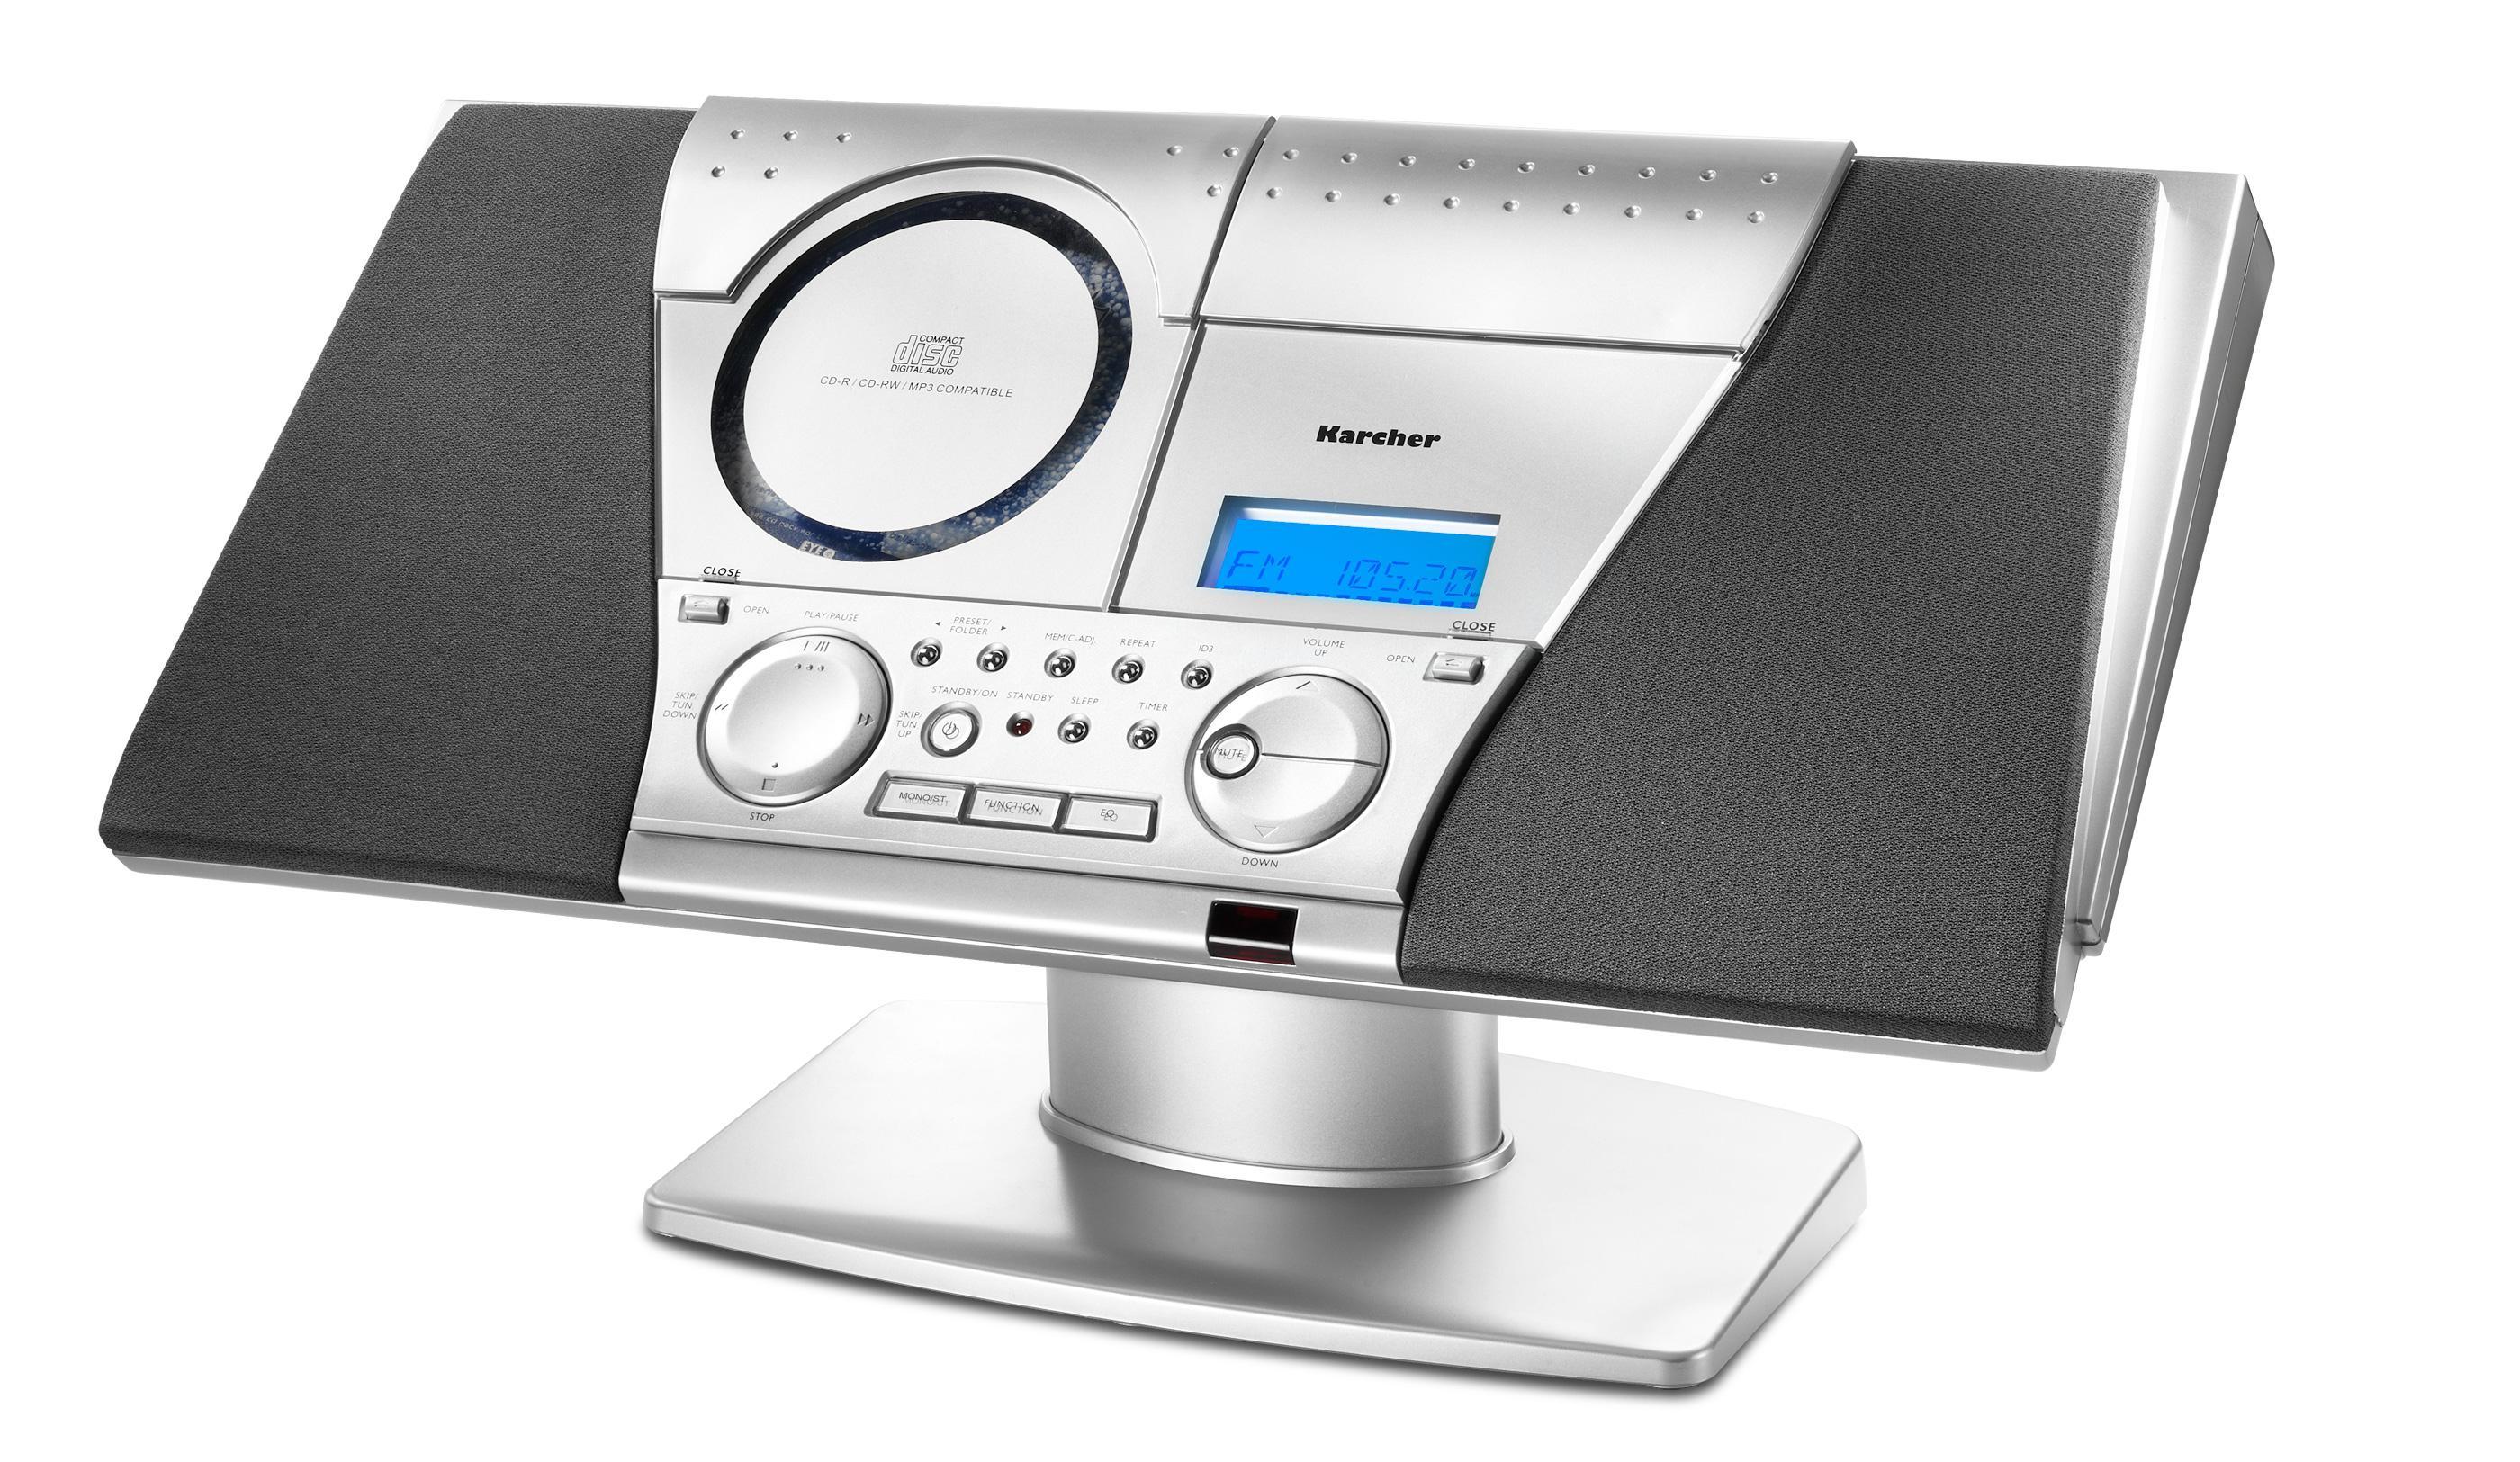 karcher mc 6550n kompaktanlage mit cd player und. Black Bedroom Furniture Sets. Home Design Ideas